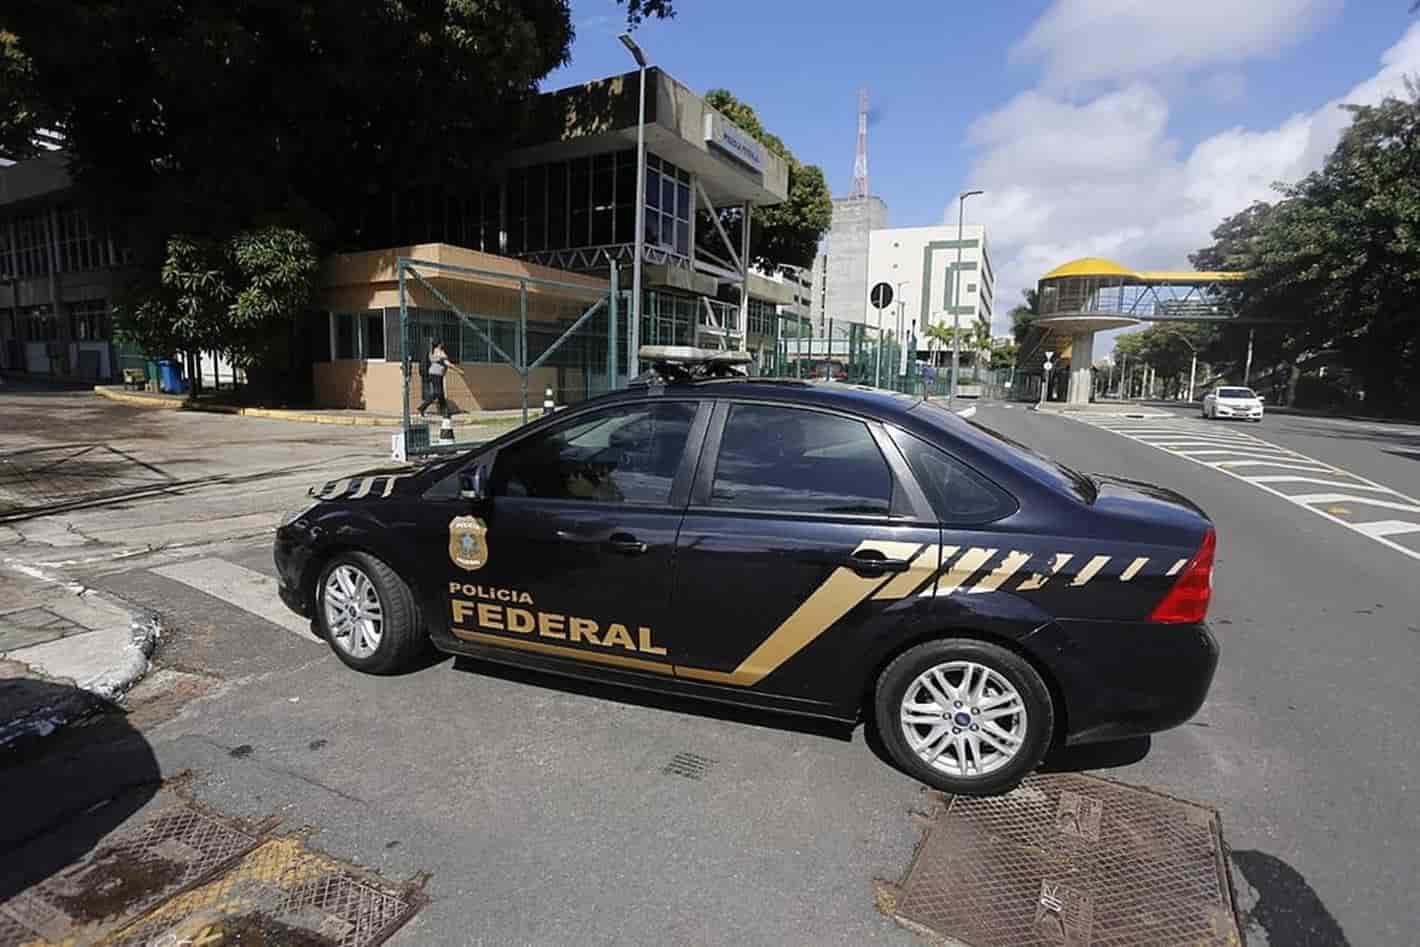 Servidor do INSS gera rombo de R$ 7,5 milhões com fraudes em aposentadorias